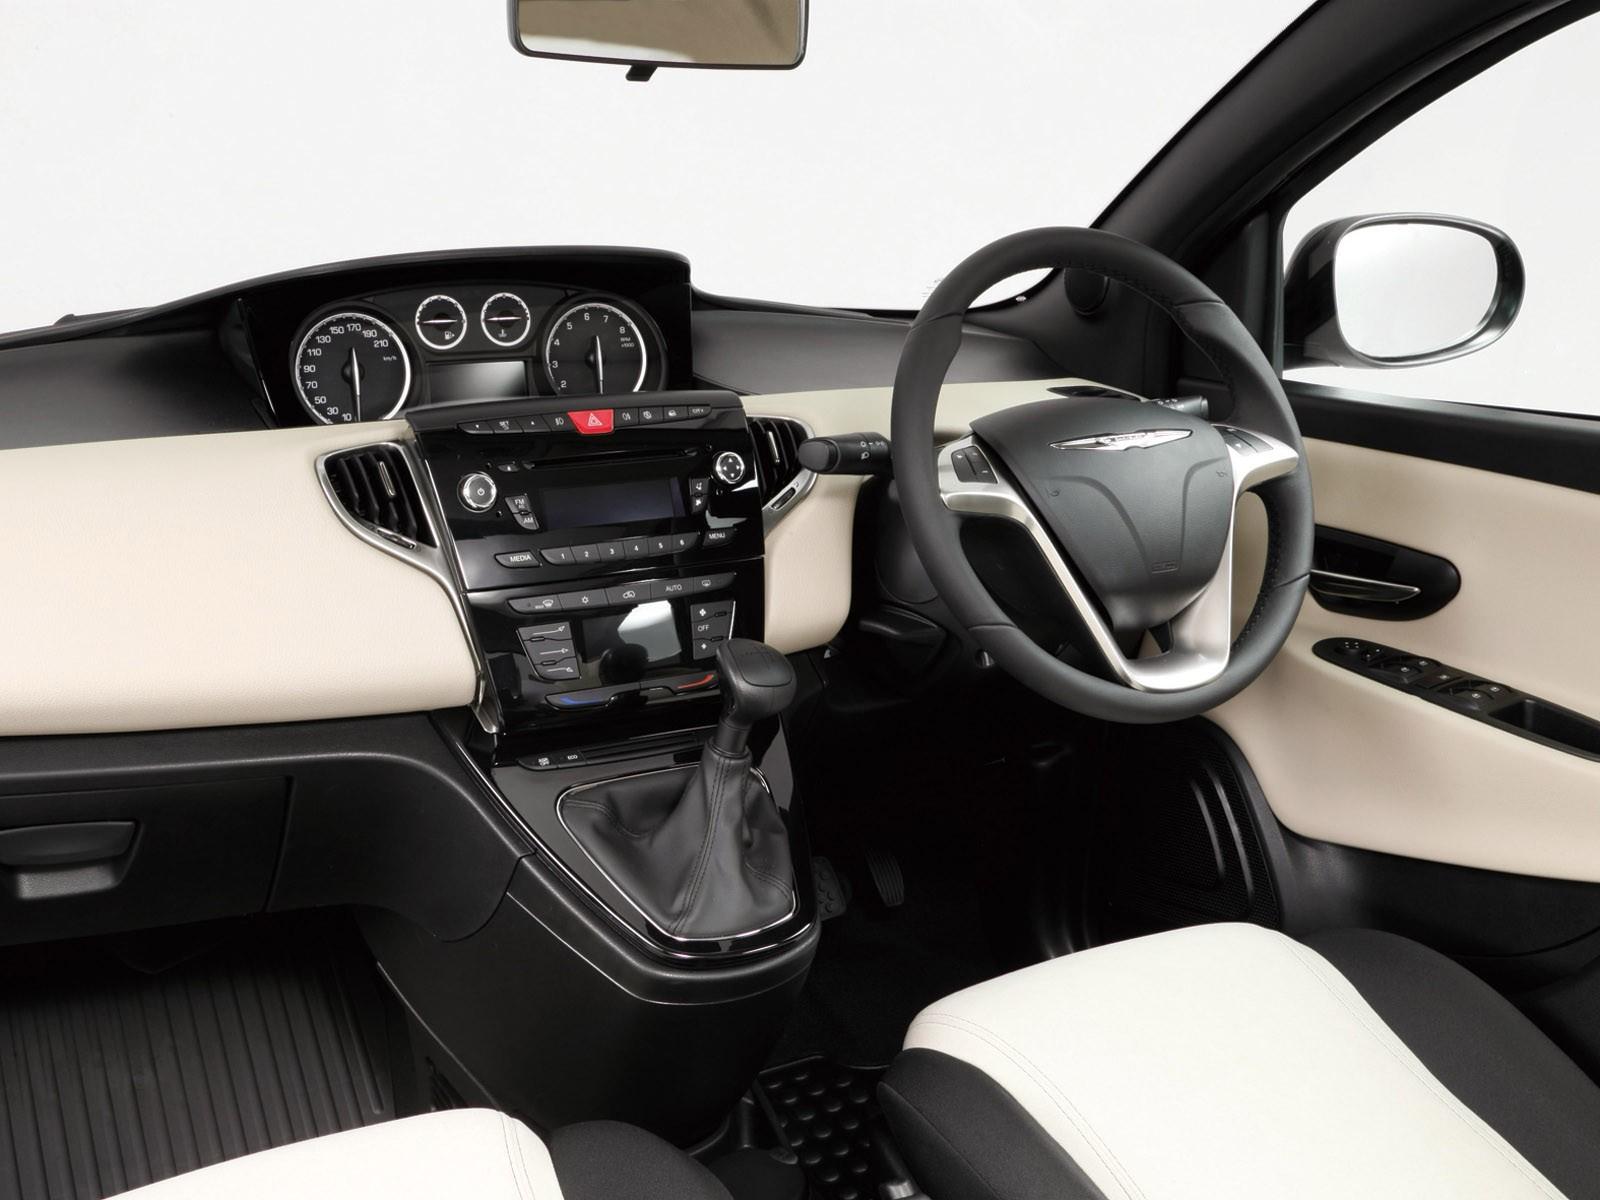 2013 Chrysler Ypsilon Purple